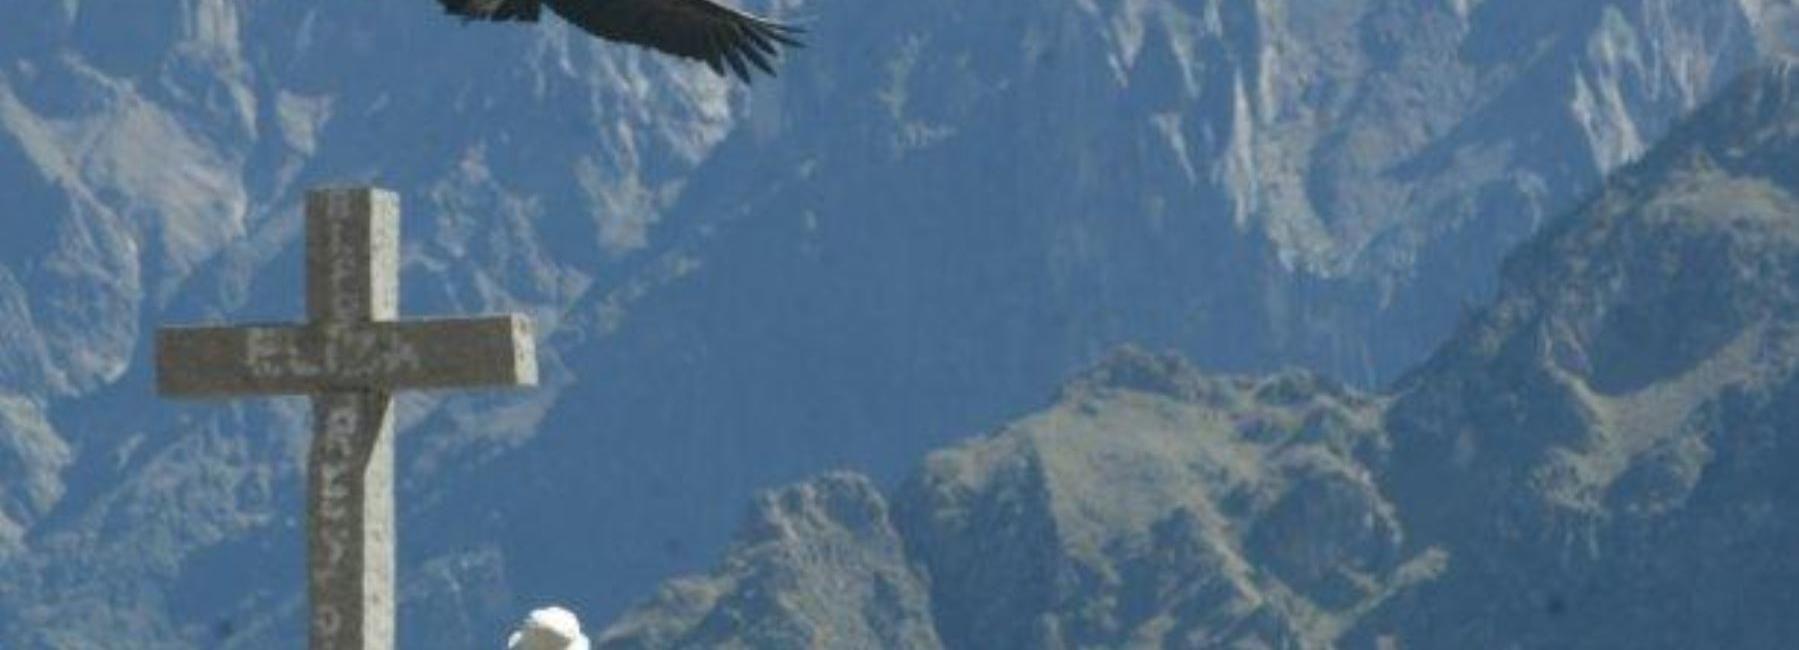 Vale do Colca: Excursão Guiada de 1 Dia saindo de Arequipa